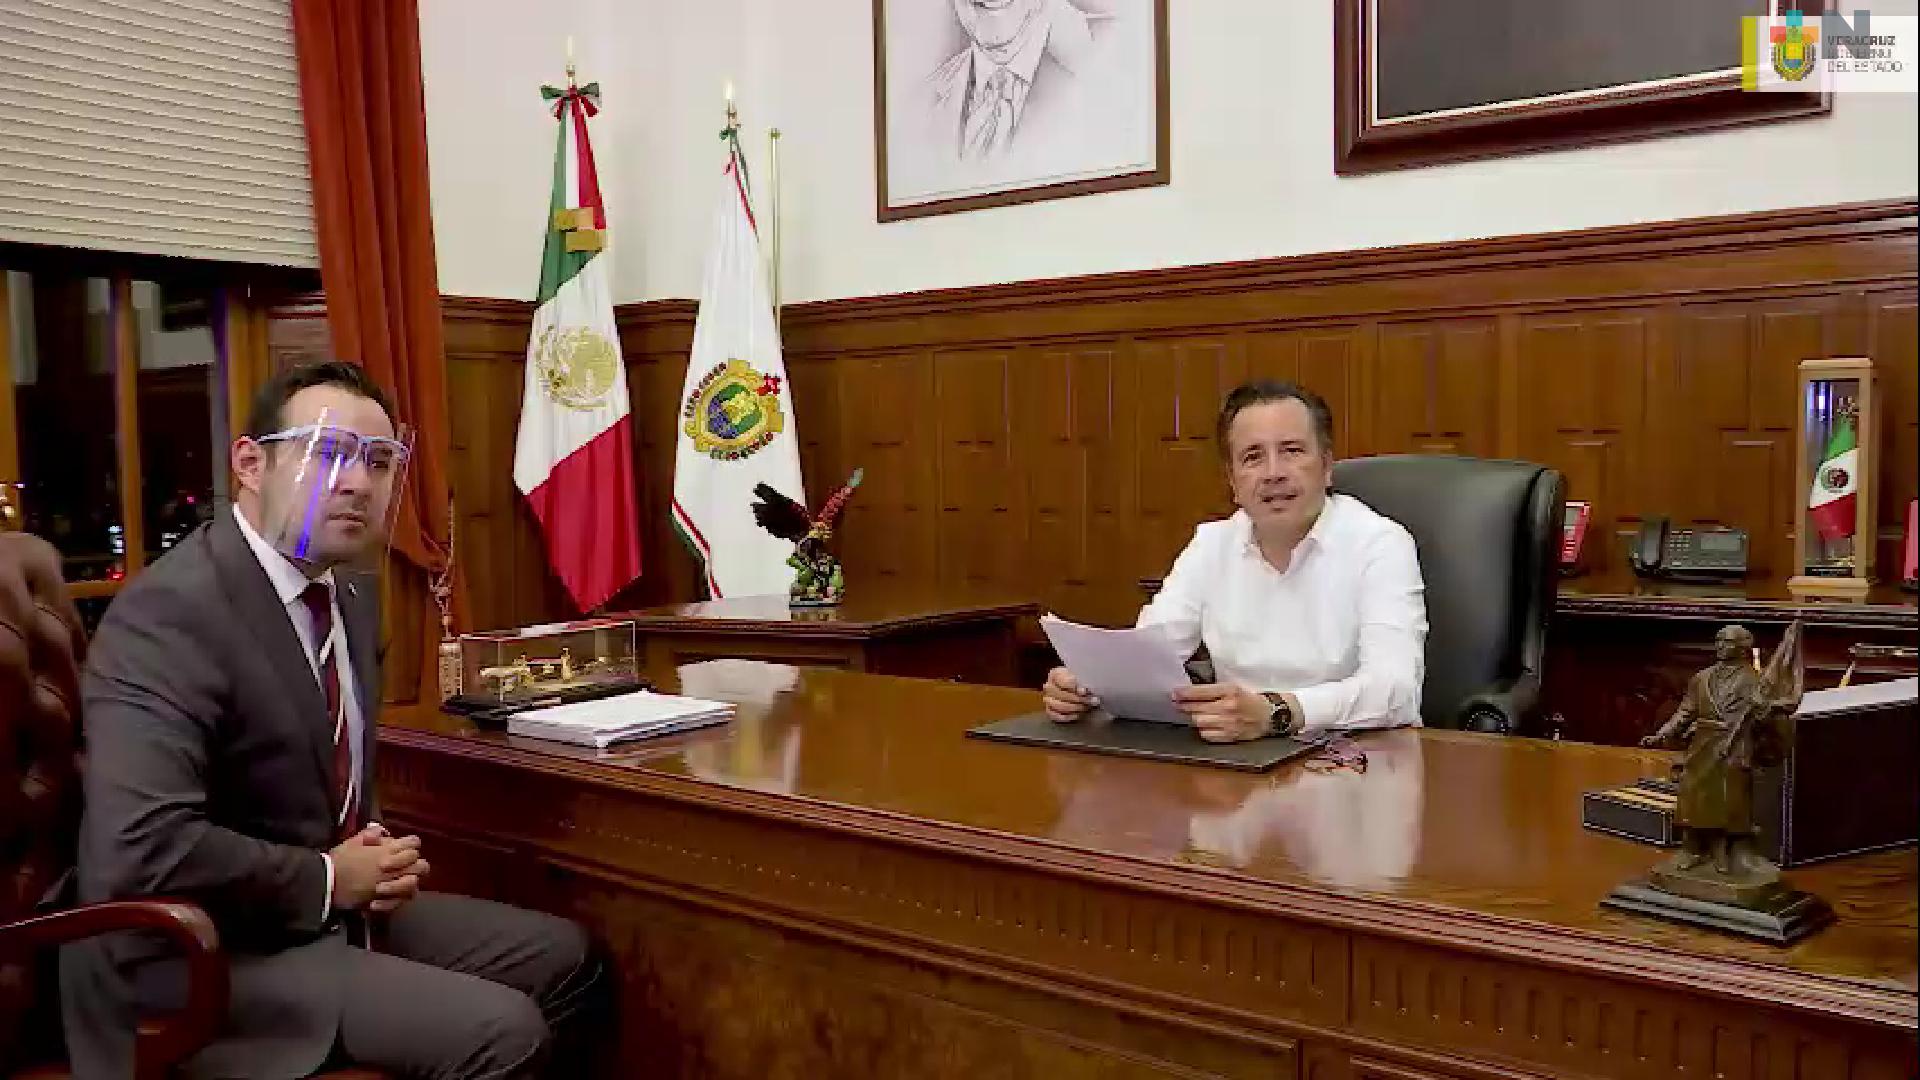 Convoca gobernador Cuitláhuac García a los cabildos a reestructurar la deuda impagable de los municipios